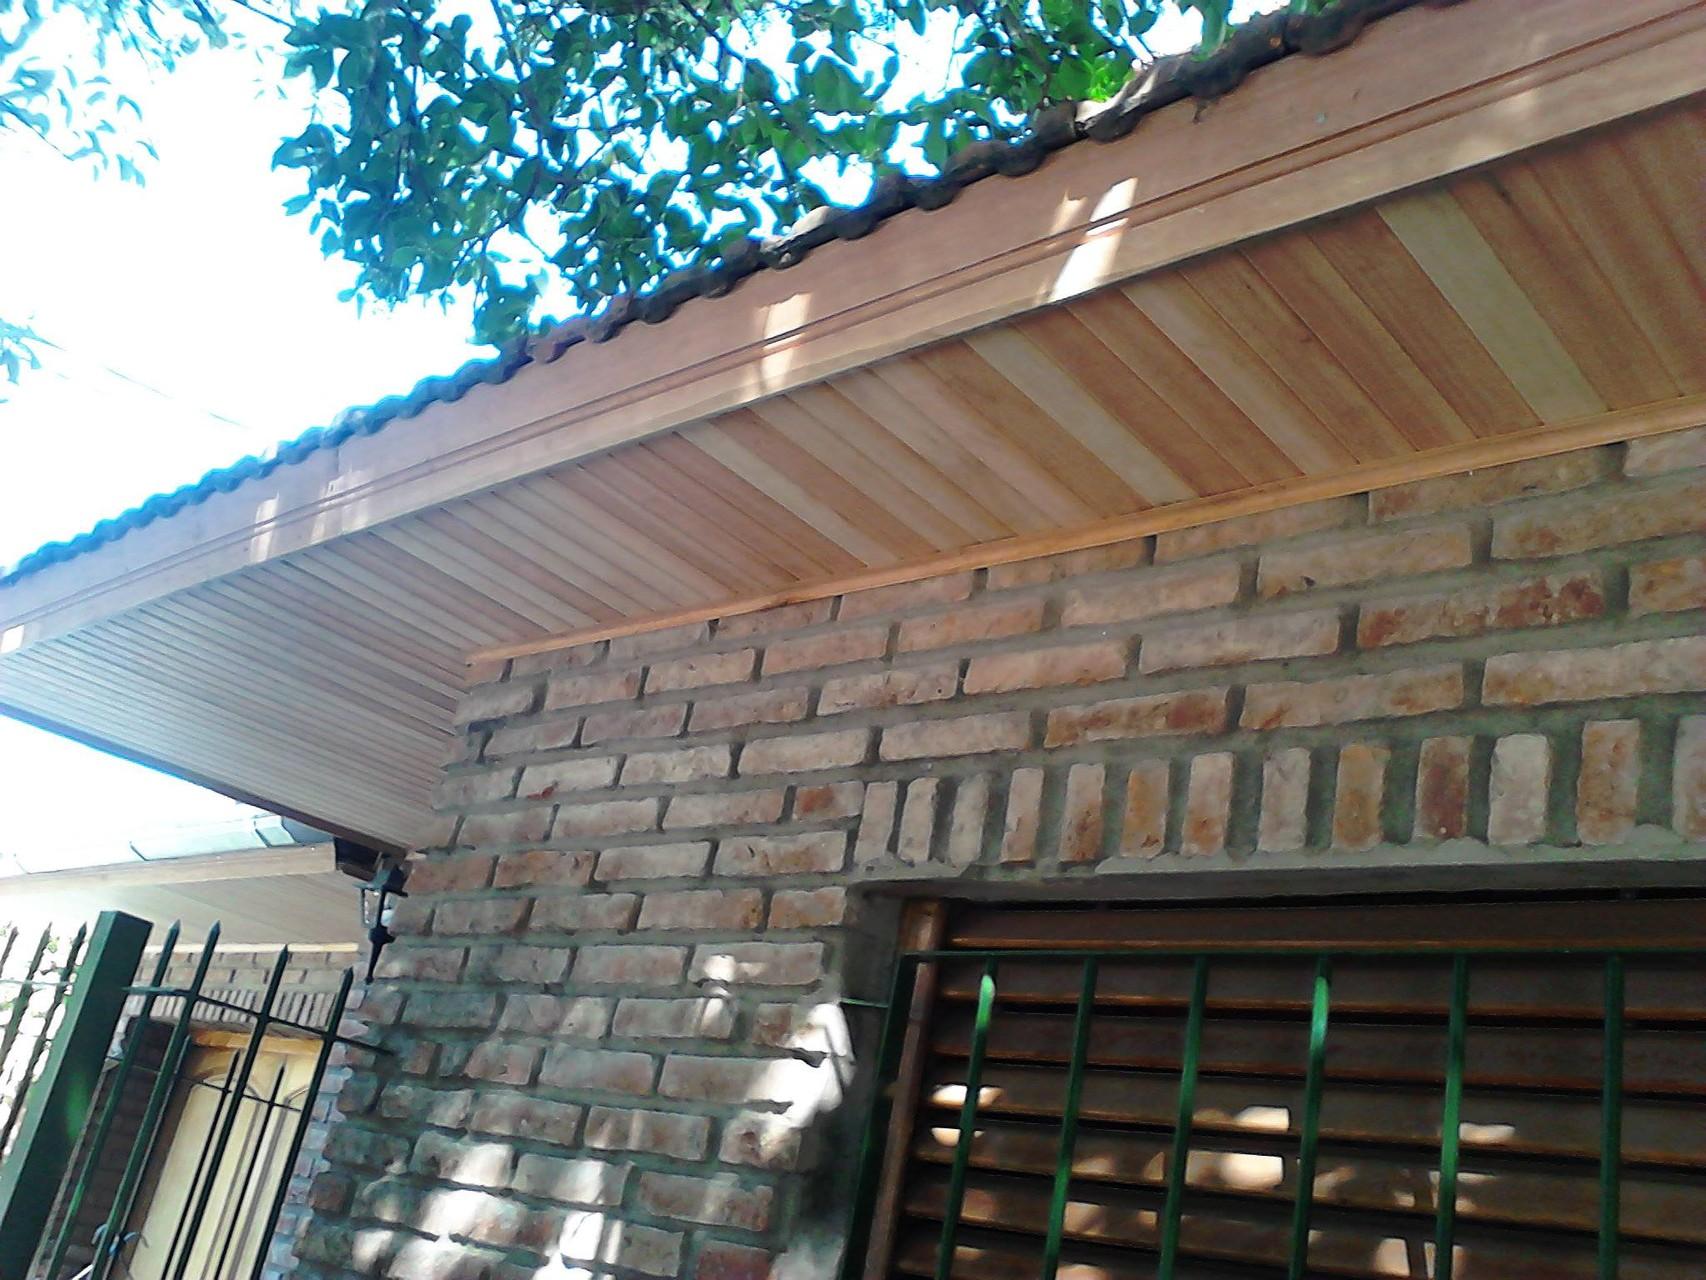 Aleros revestimientos grandis gabriel solo techos - Revestimientos para techos ...